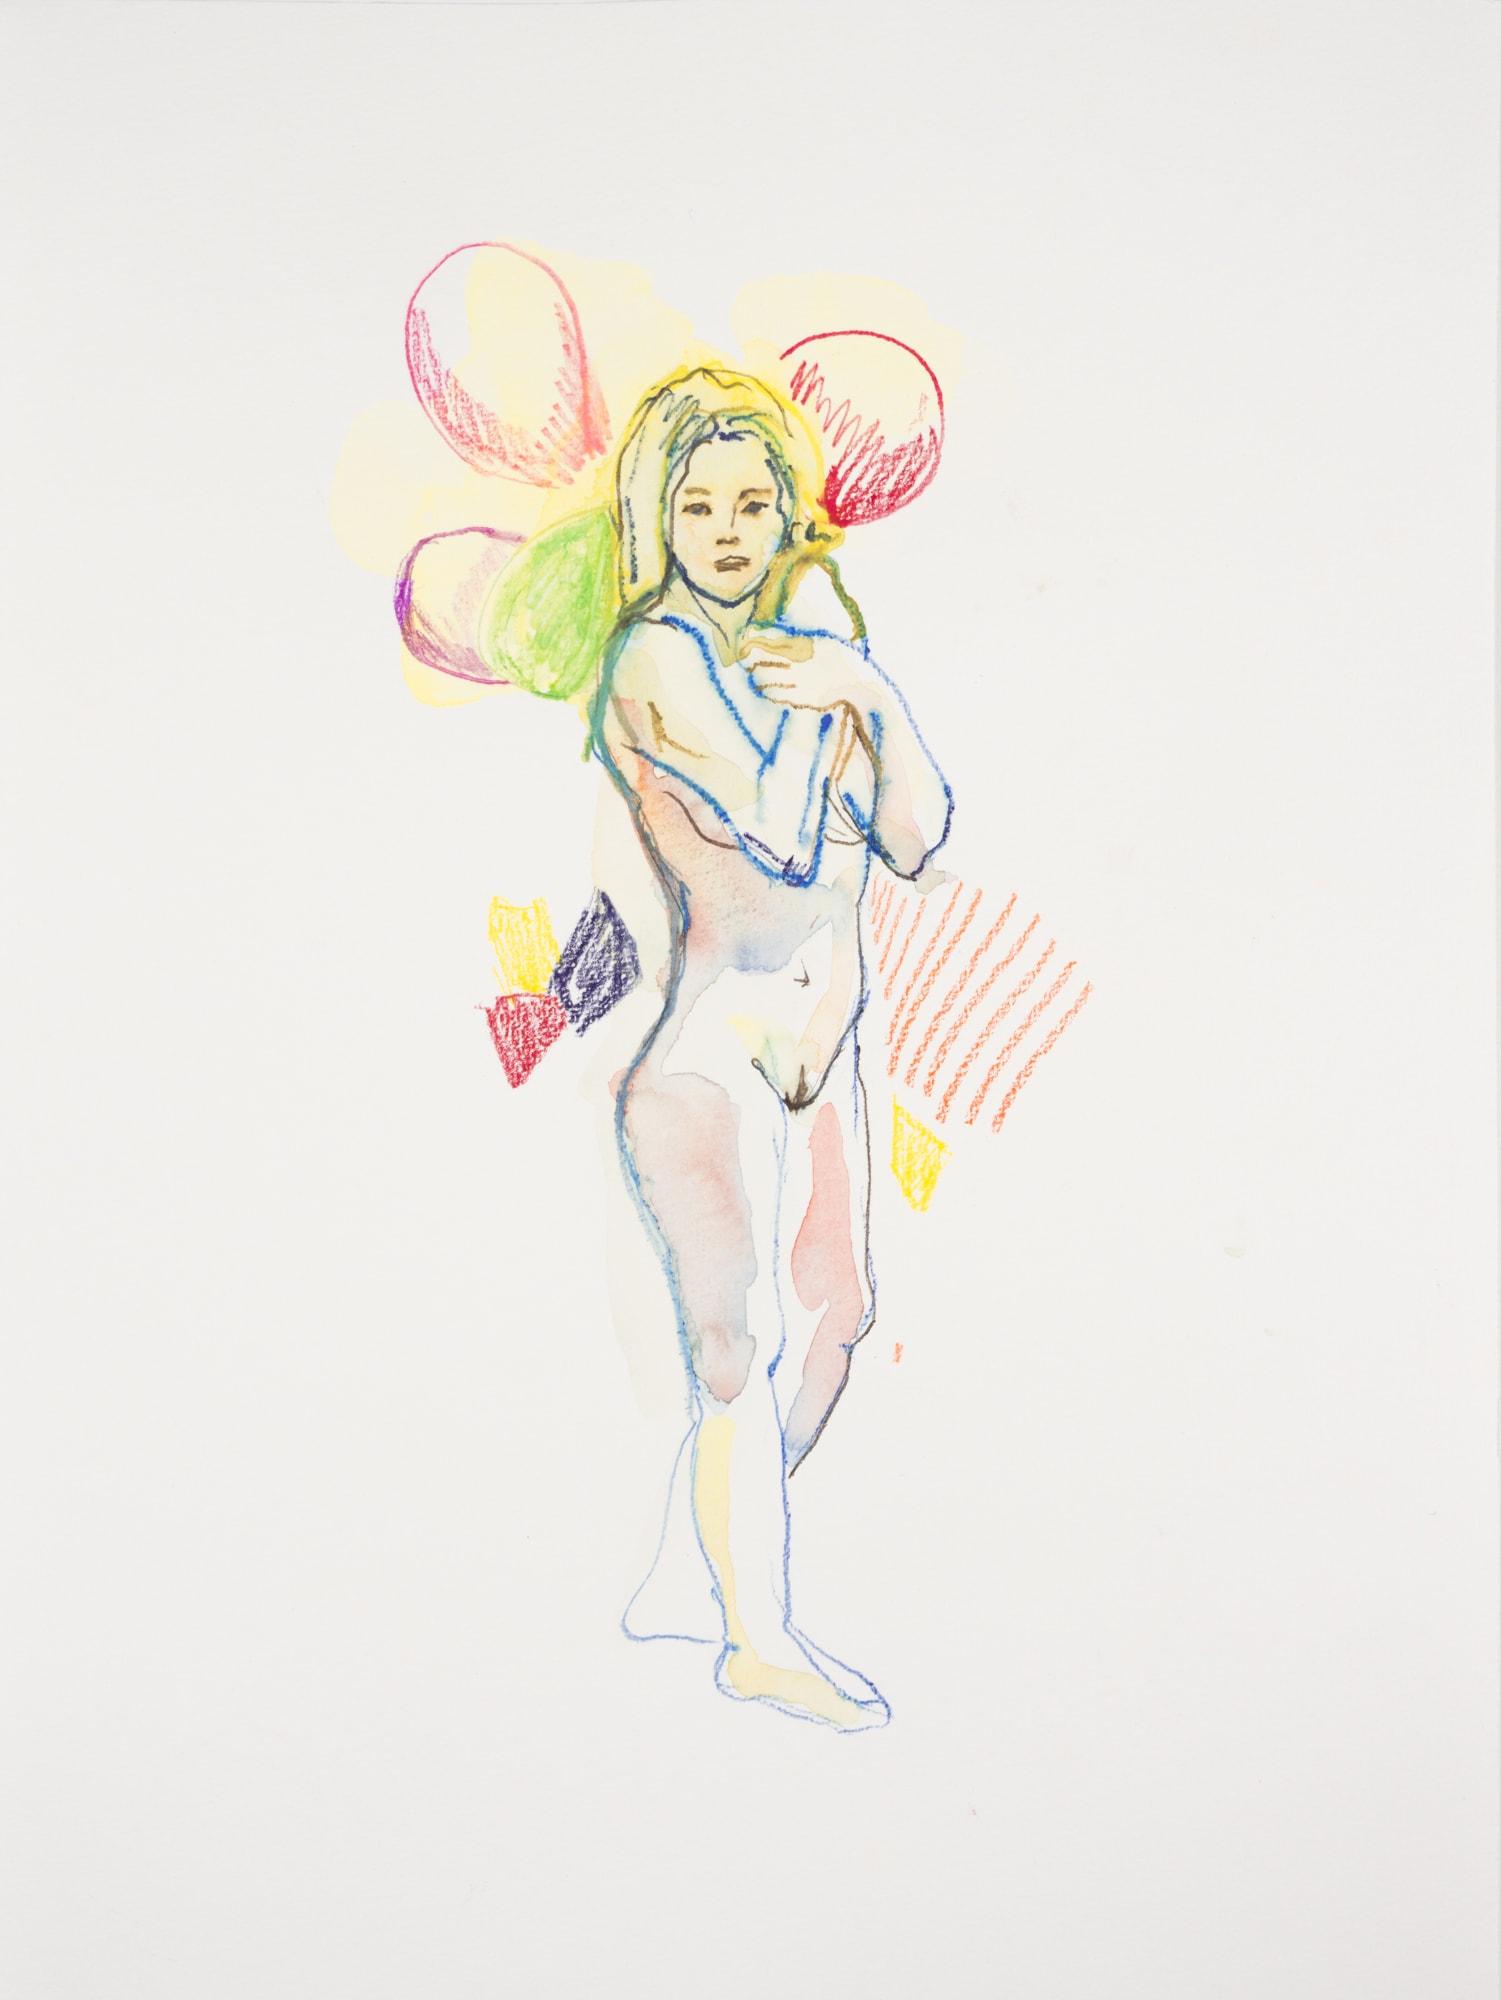 Zeichnung, Aquarell und Farbstift auf Papier, 30x40cm, Frauenakt mit Luftballon, Künstlerin: Franziska King